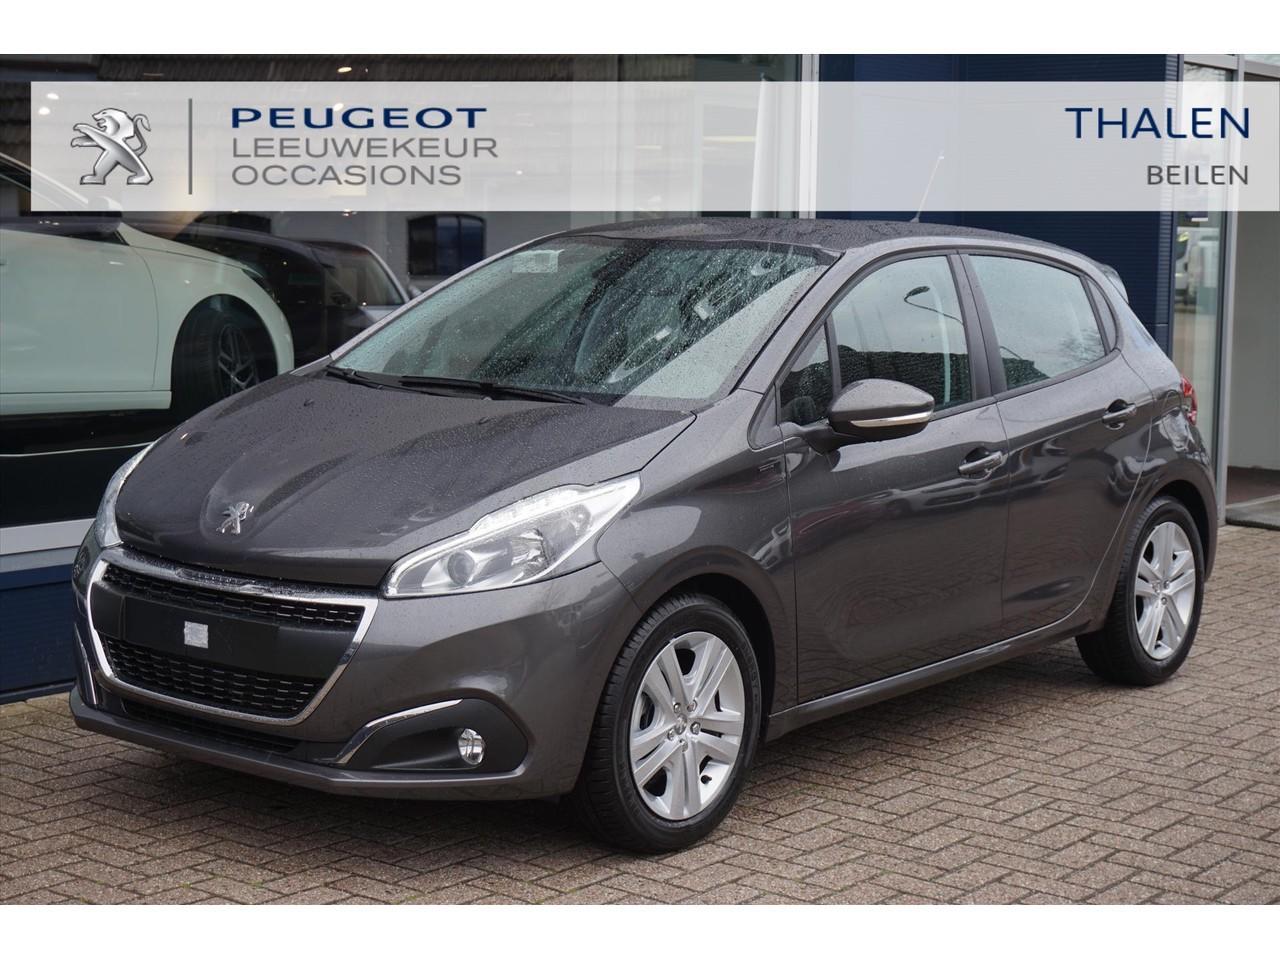 Peugeot 208 Signature 82pk nieuwe auto